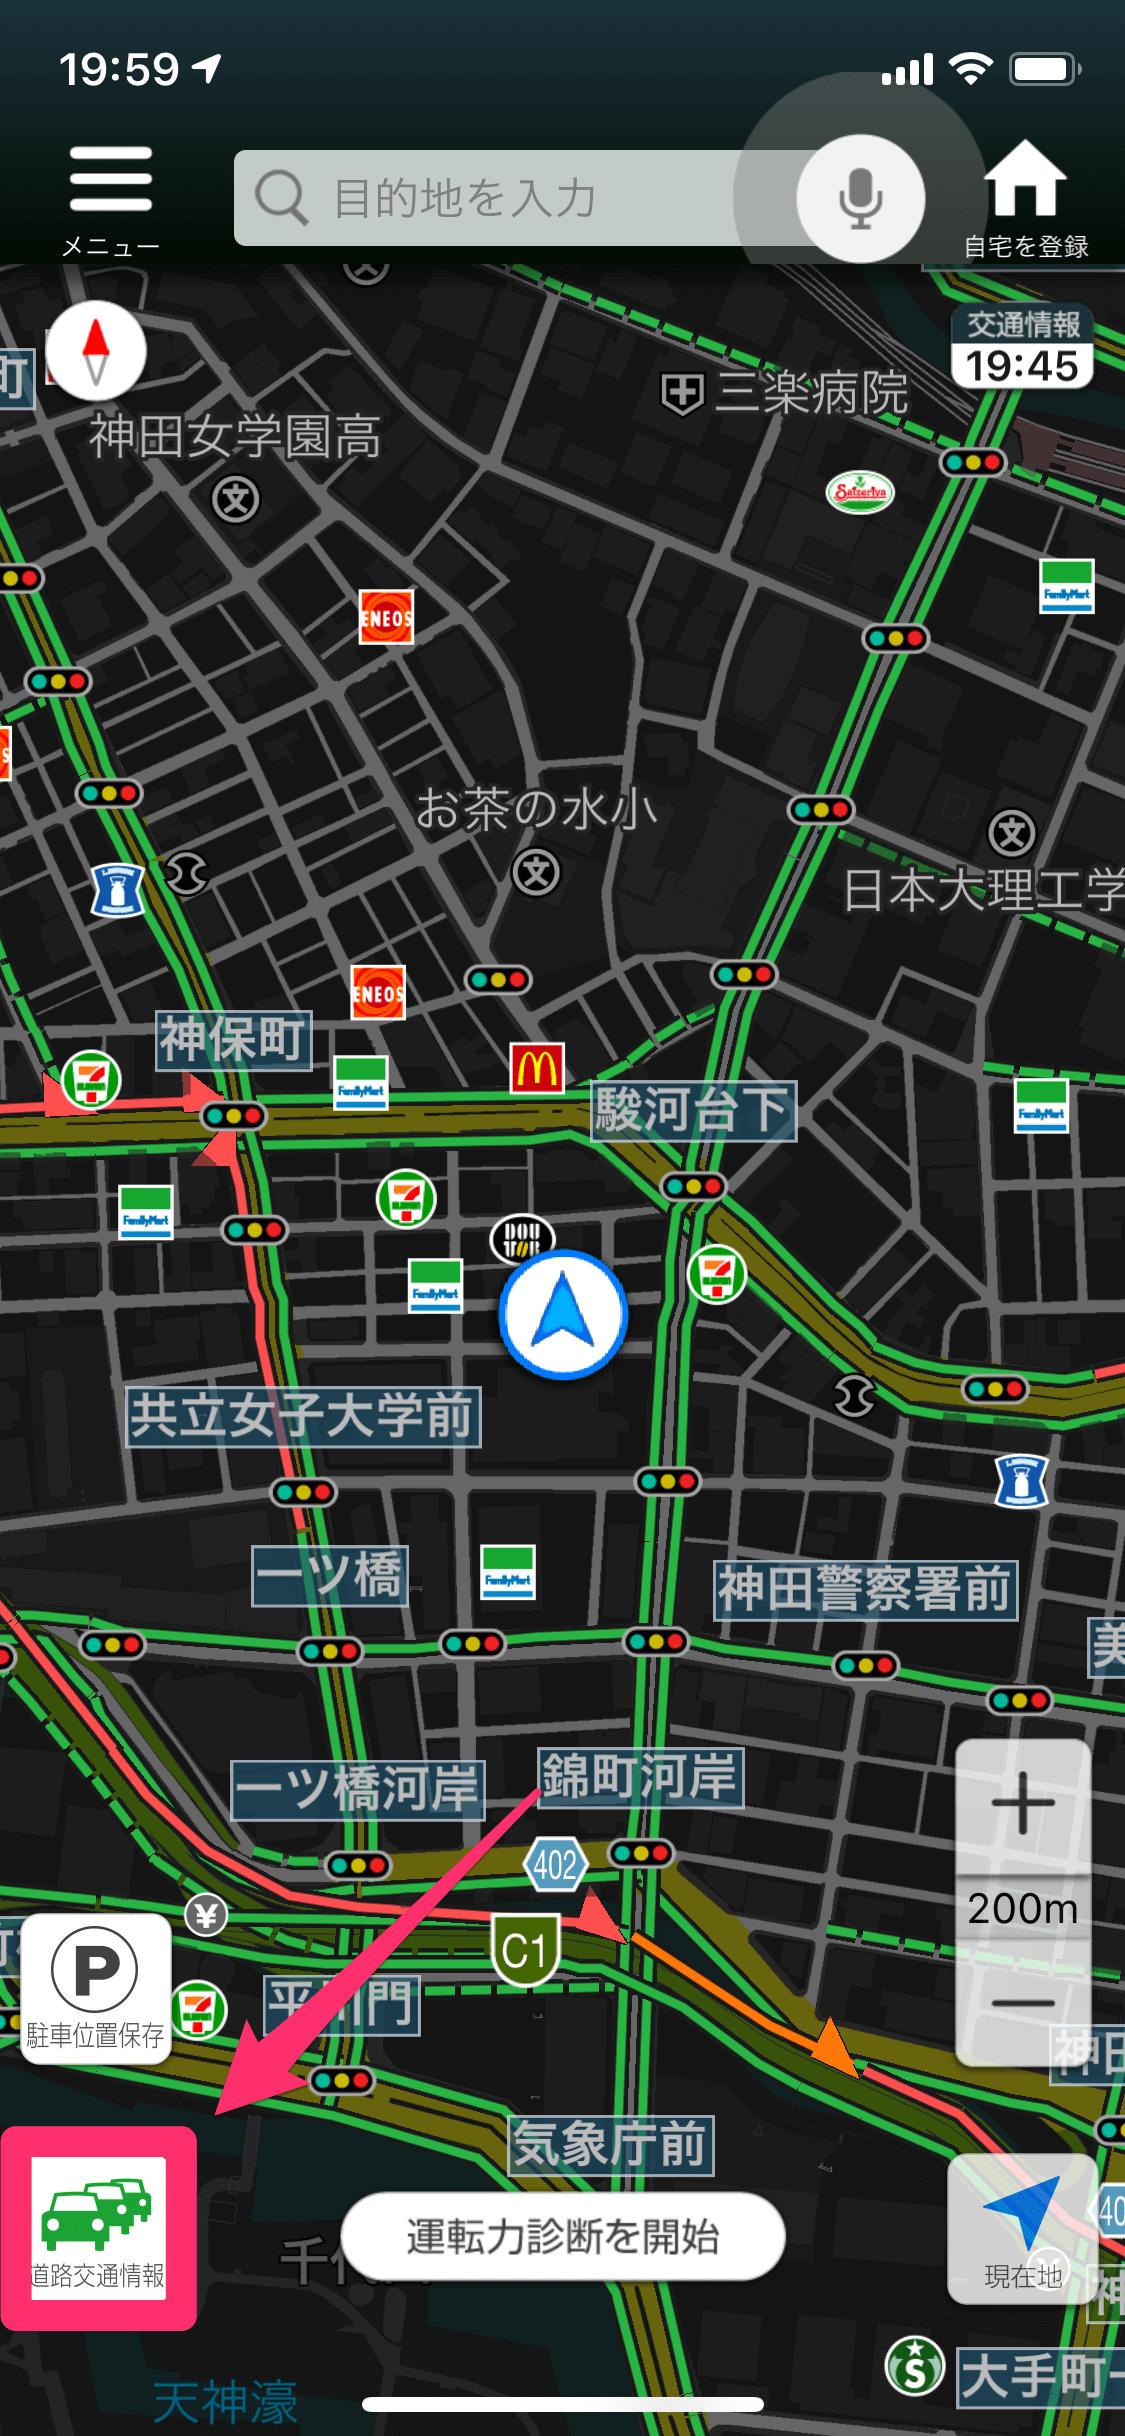 【2019年GW】スマホアプリで渋滞を回避! リアルタイム交通情報と日時指定のルート検索を使う